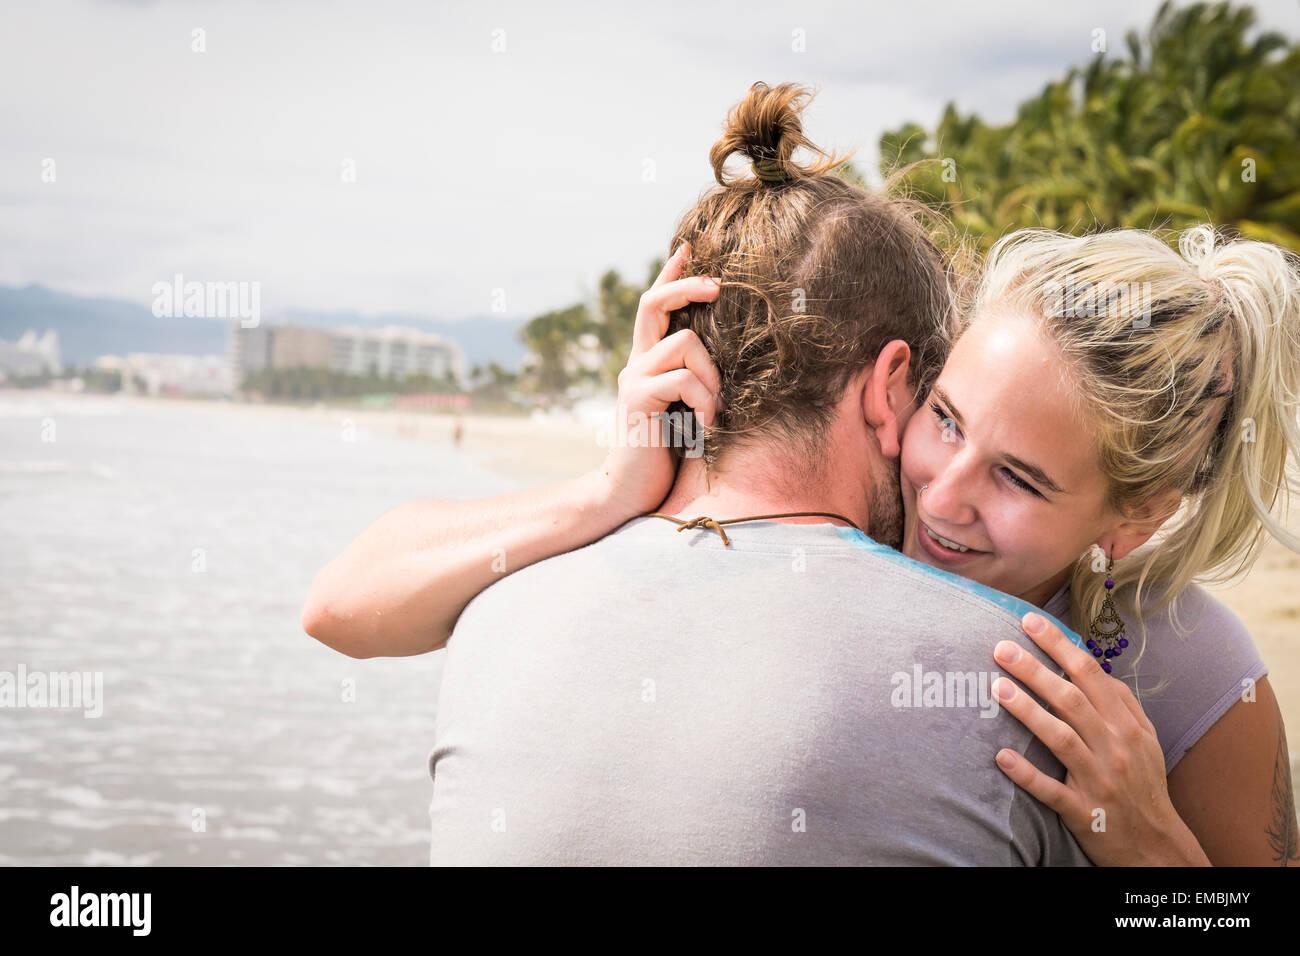 Giovane donna abbracciando giovane uomo, sorridente, presso una spiaggia. Riviera Nayarit, Pacific Coast, Messico Immagini Stock